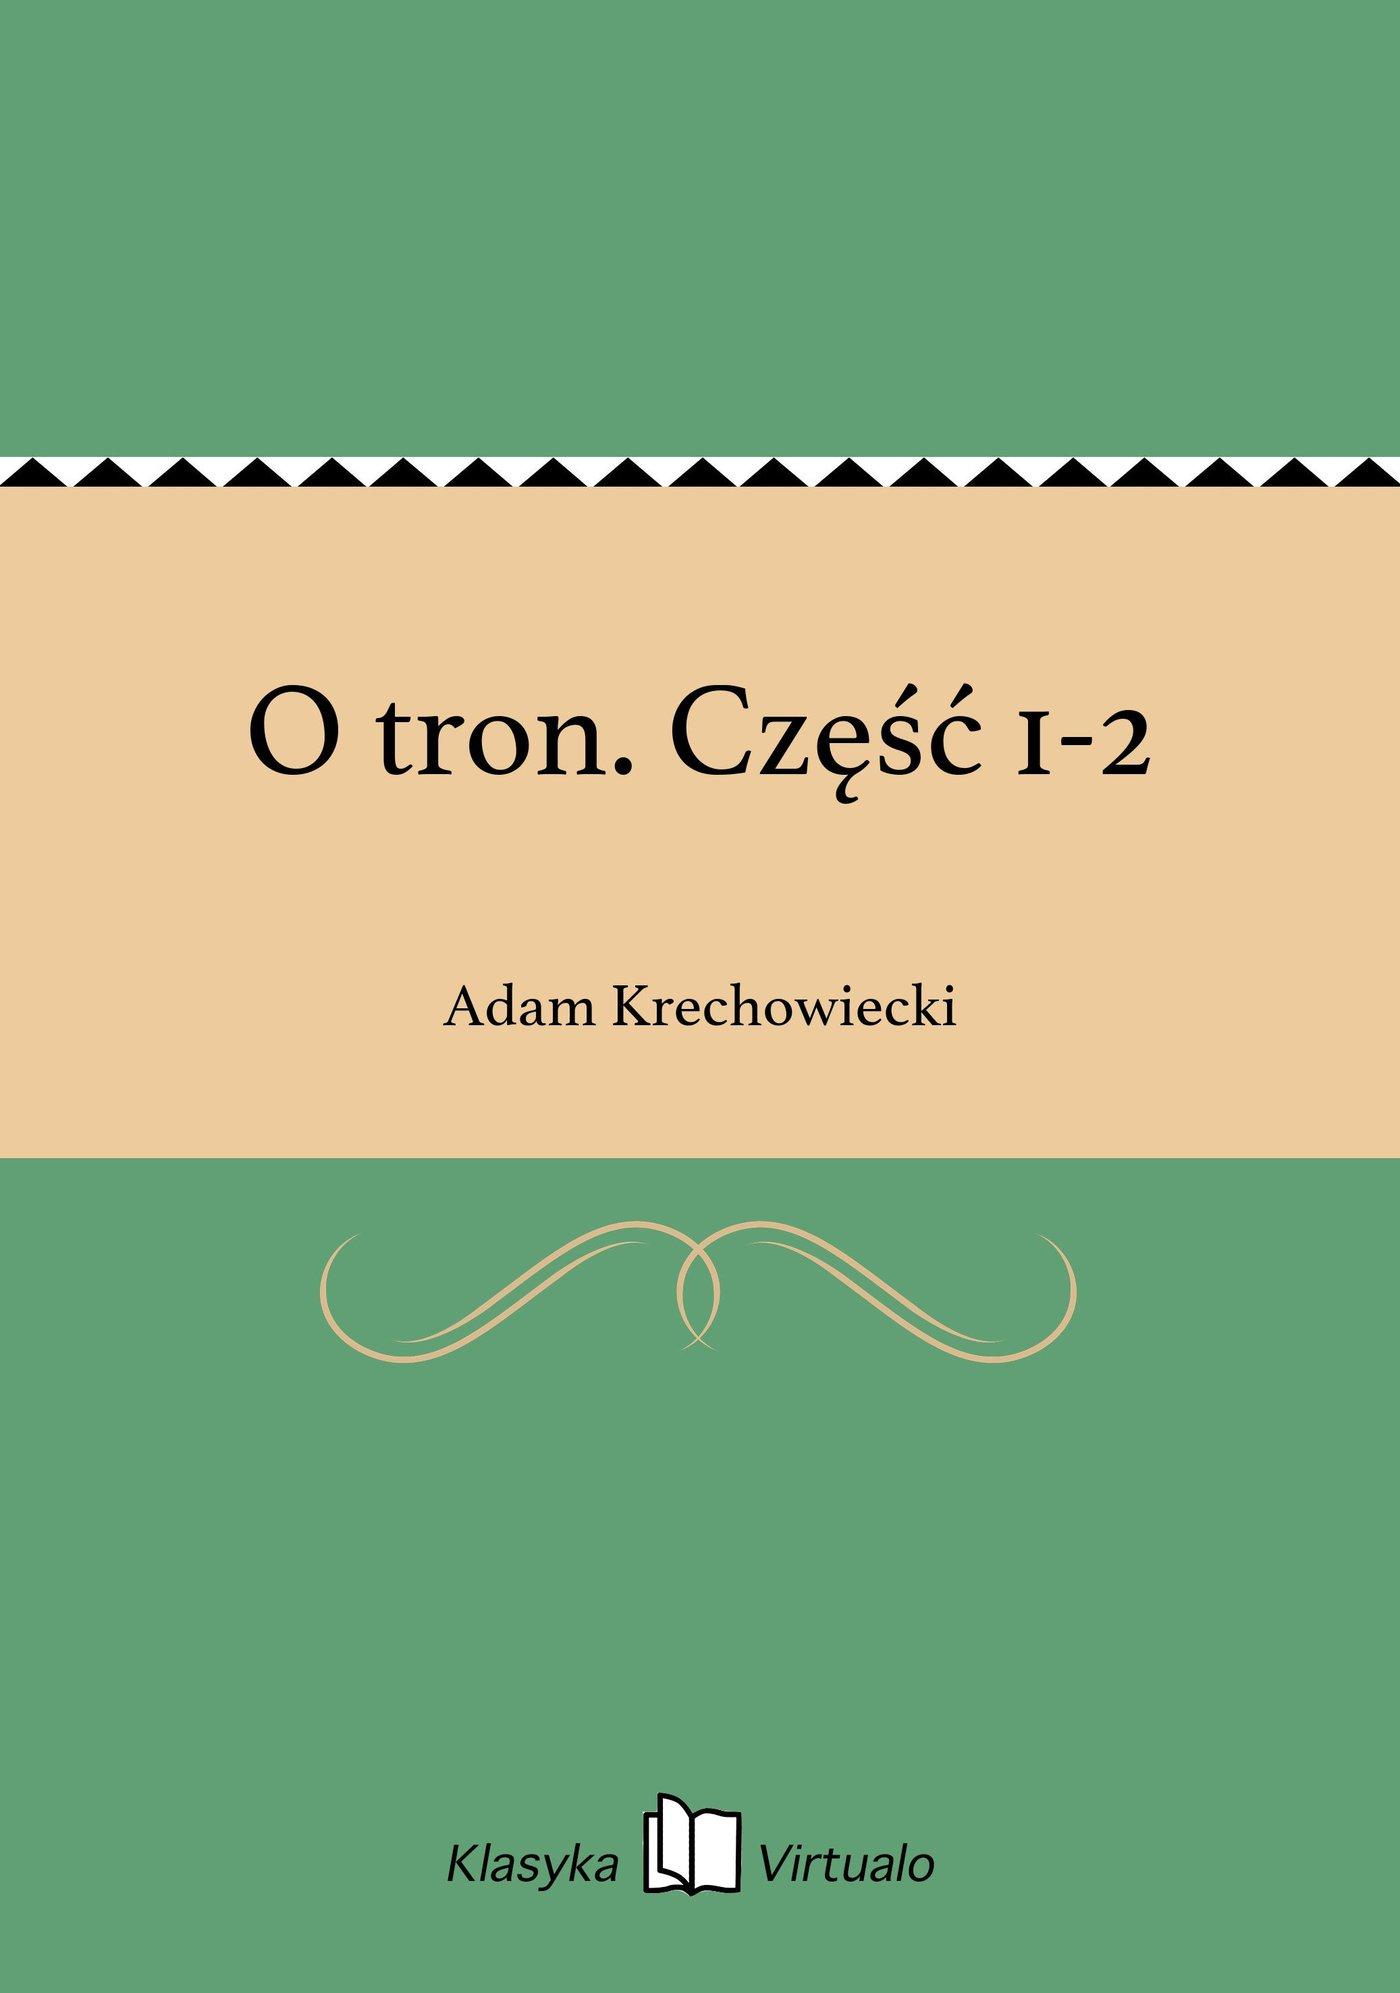 O tron. Część 1-2 - Ebook (Książka EPUB) do pobrania w formacie EPUB